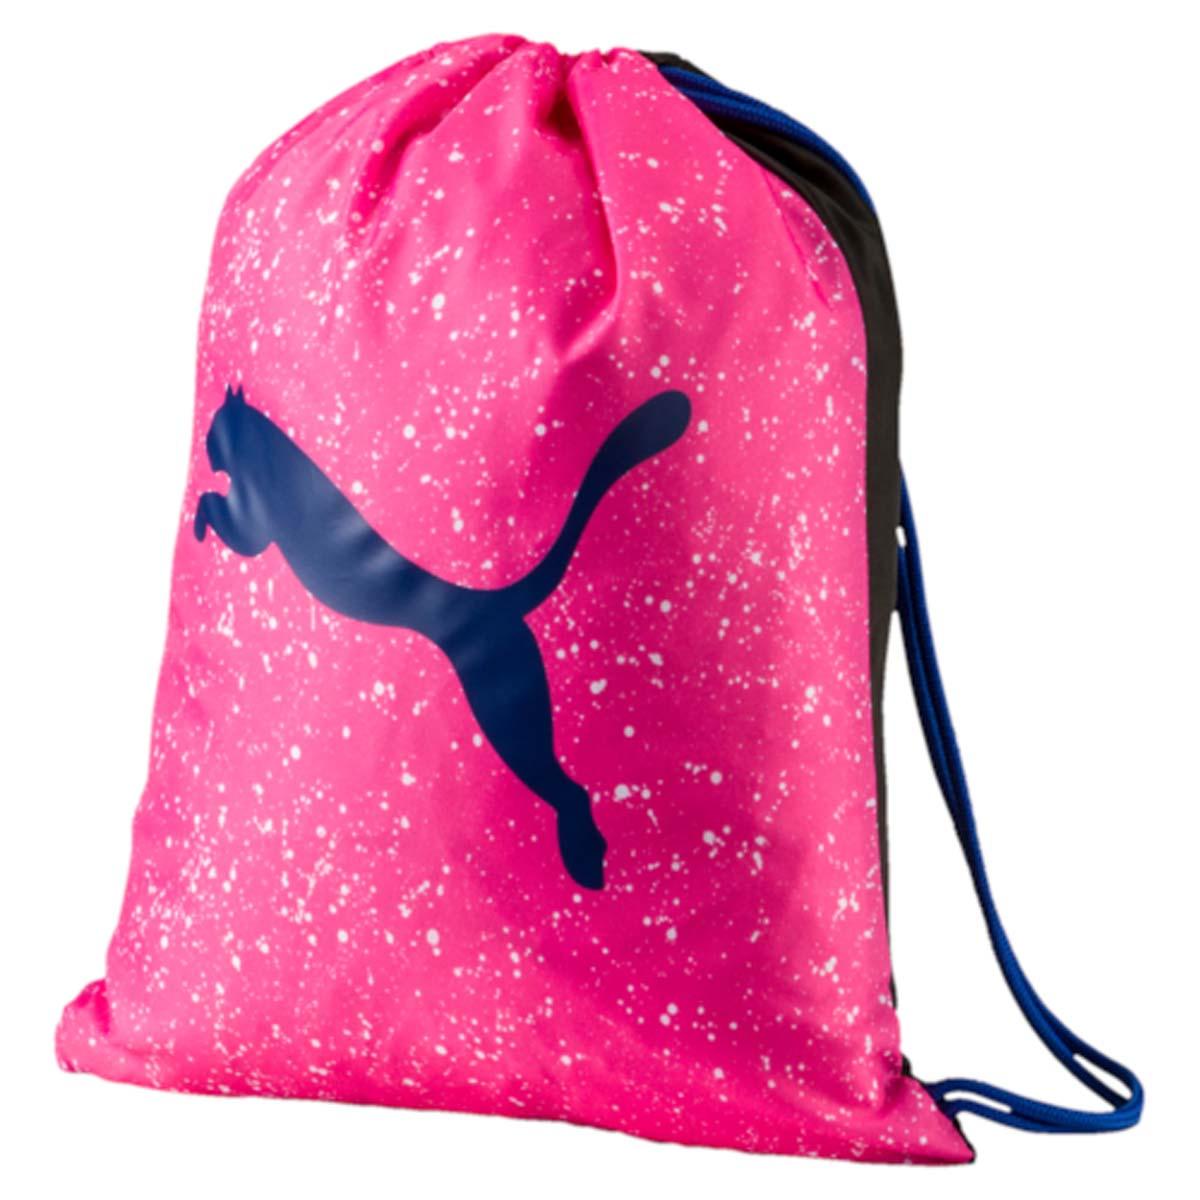 Рюкзак Puma Alpha Gym Sack, цвет: розовый. 074407023-47660-00504Спортивный рюкзак Puma выполнен из текстиля. Модель с одним отделением на затягивающемся шнурке и тонких лямках.